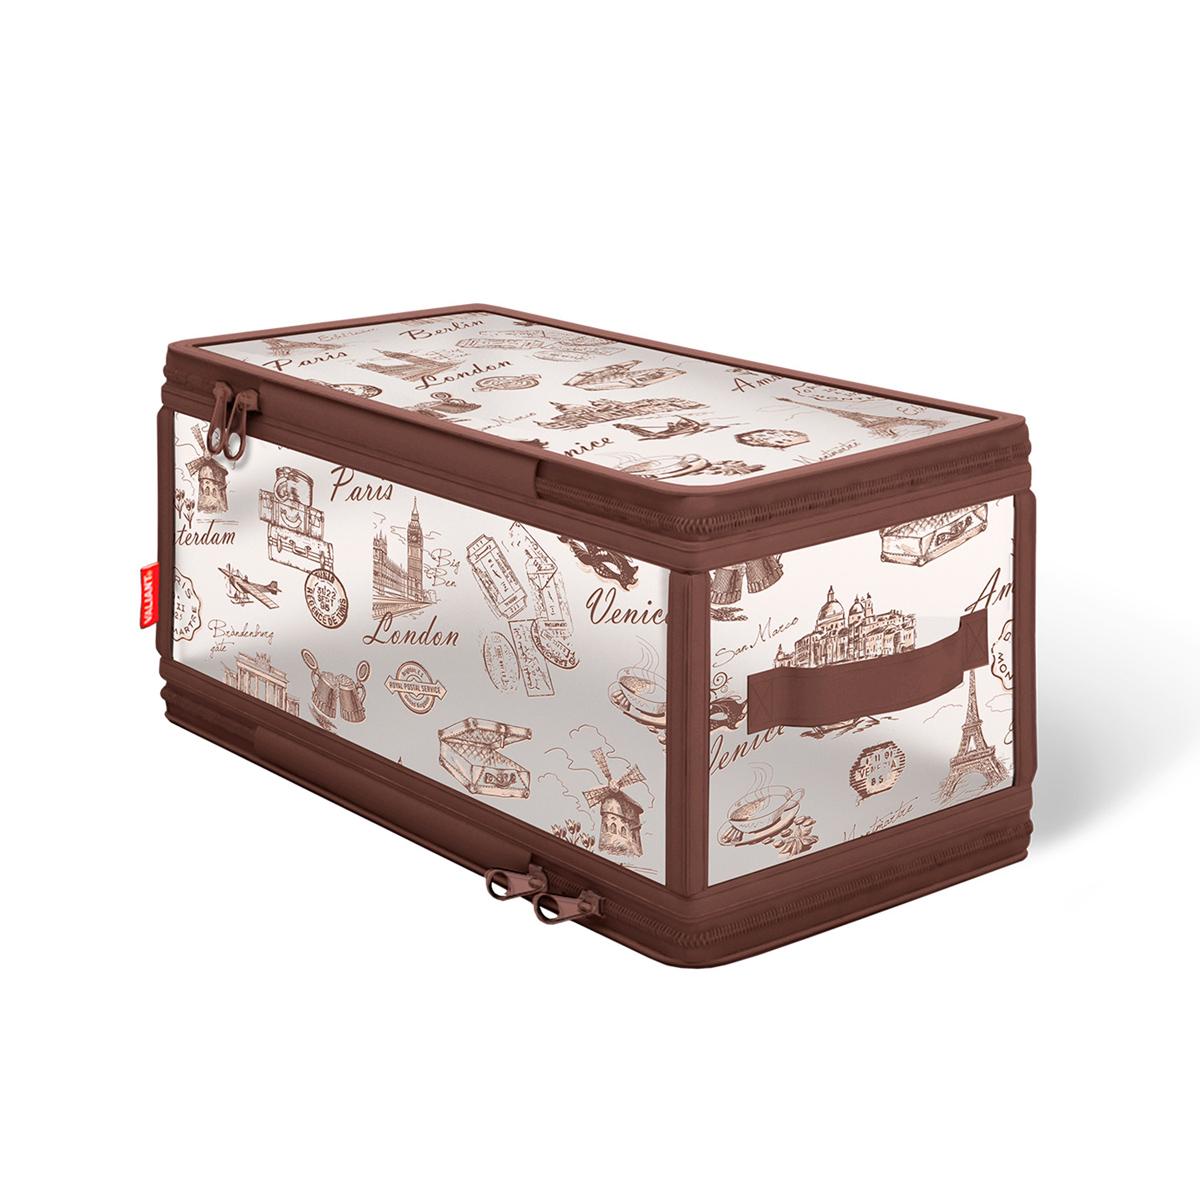 Кофр для хранения Valiant Travelling, с застежкой-молнией, 30 см х 15 см х 15 см valiant кофр для хранения жёсткий малый travelling